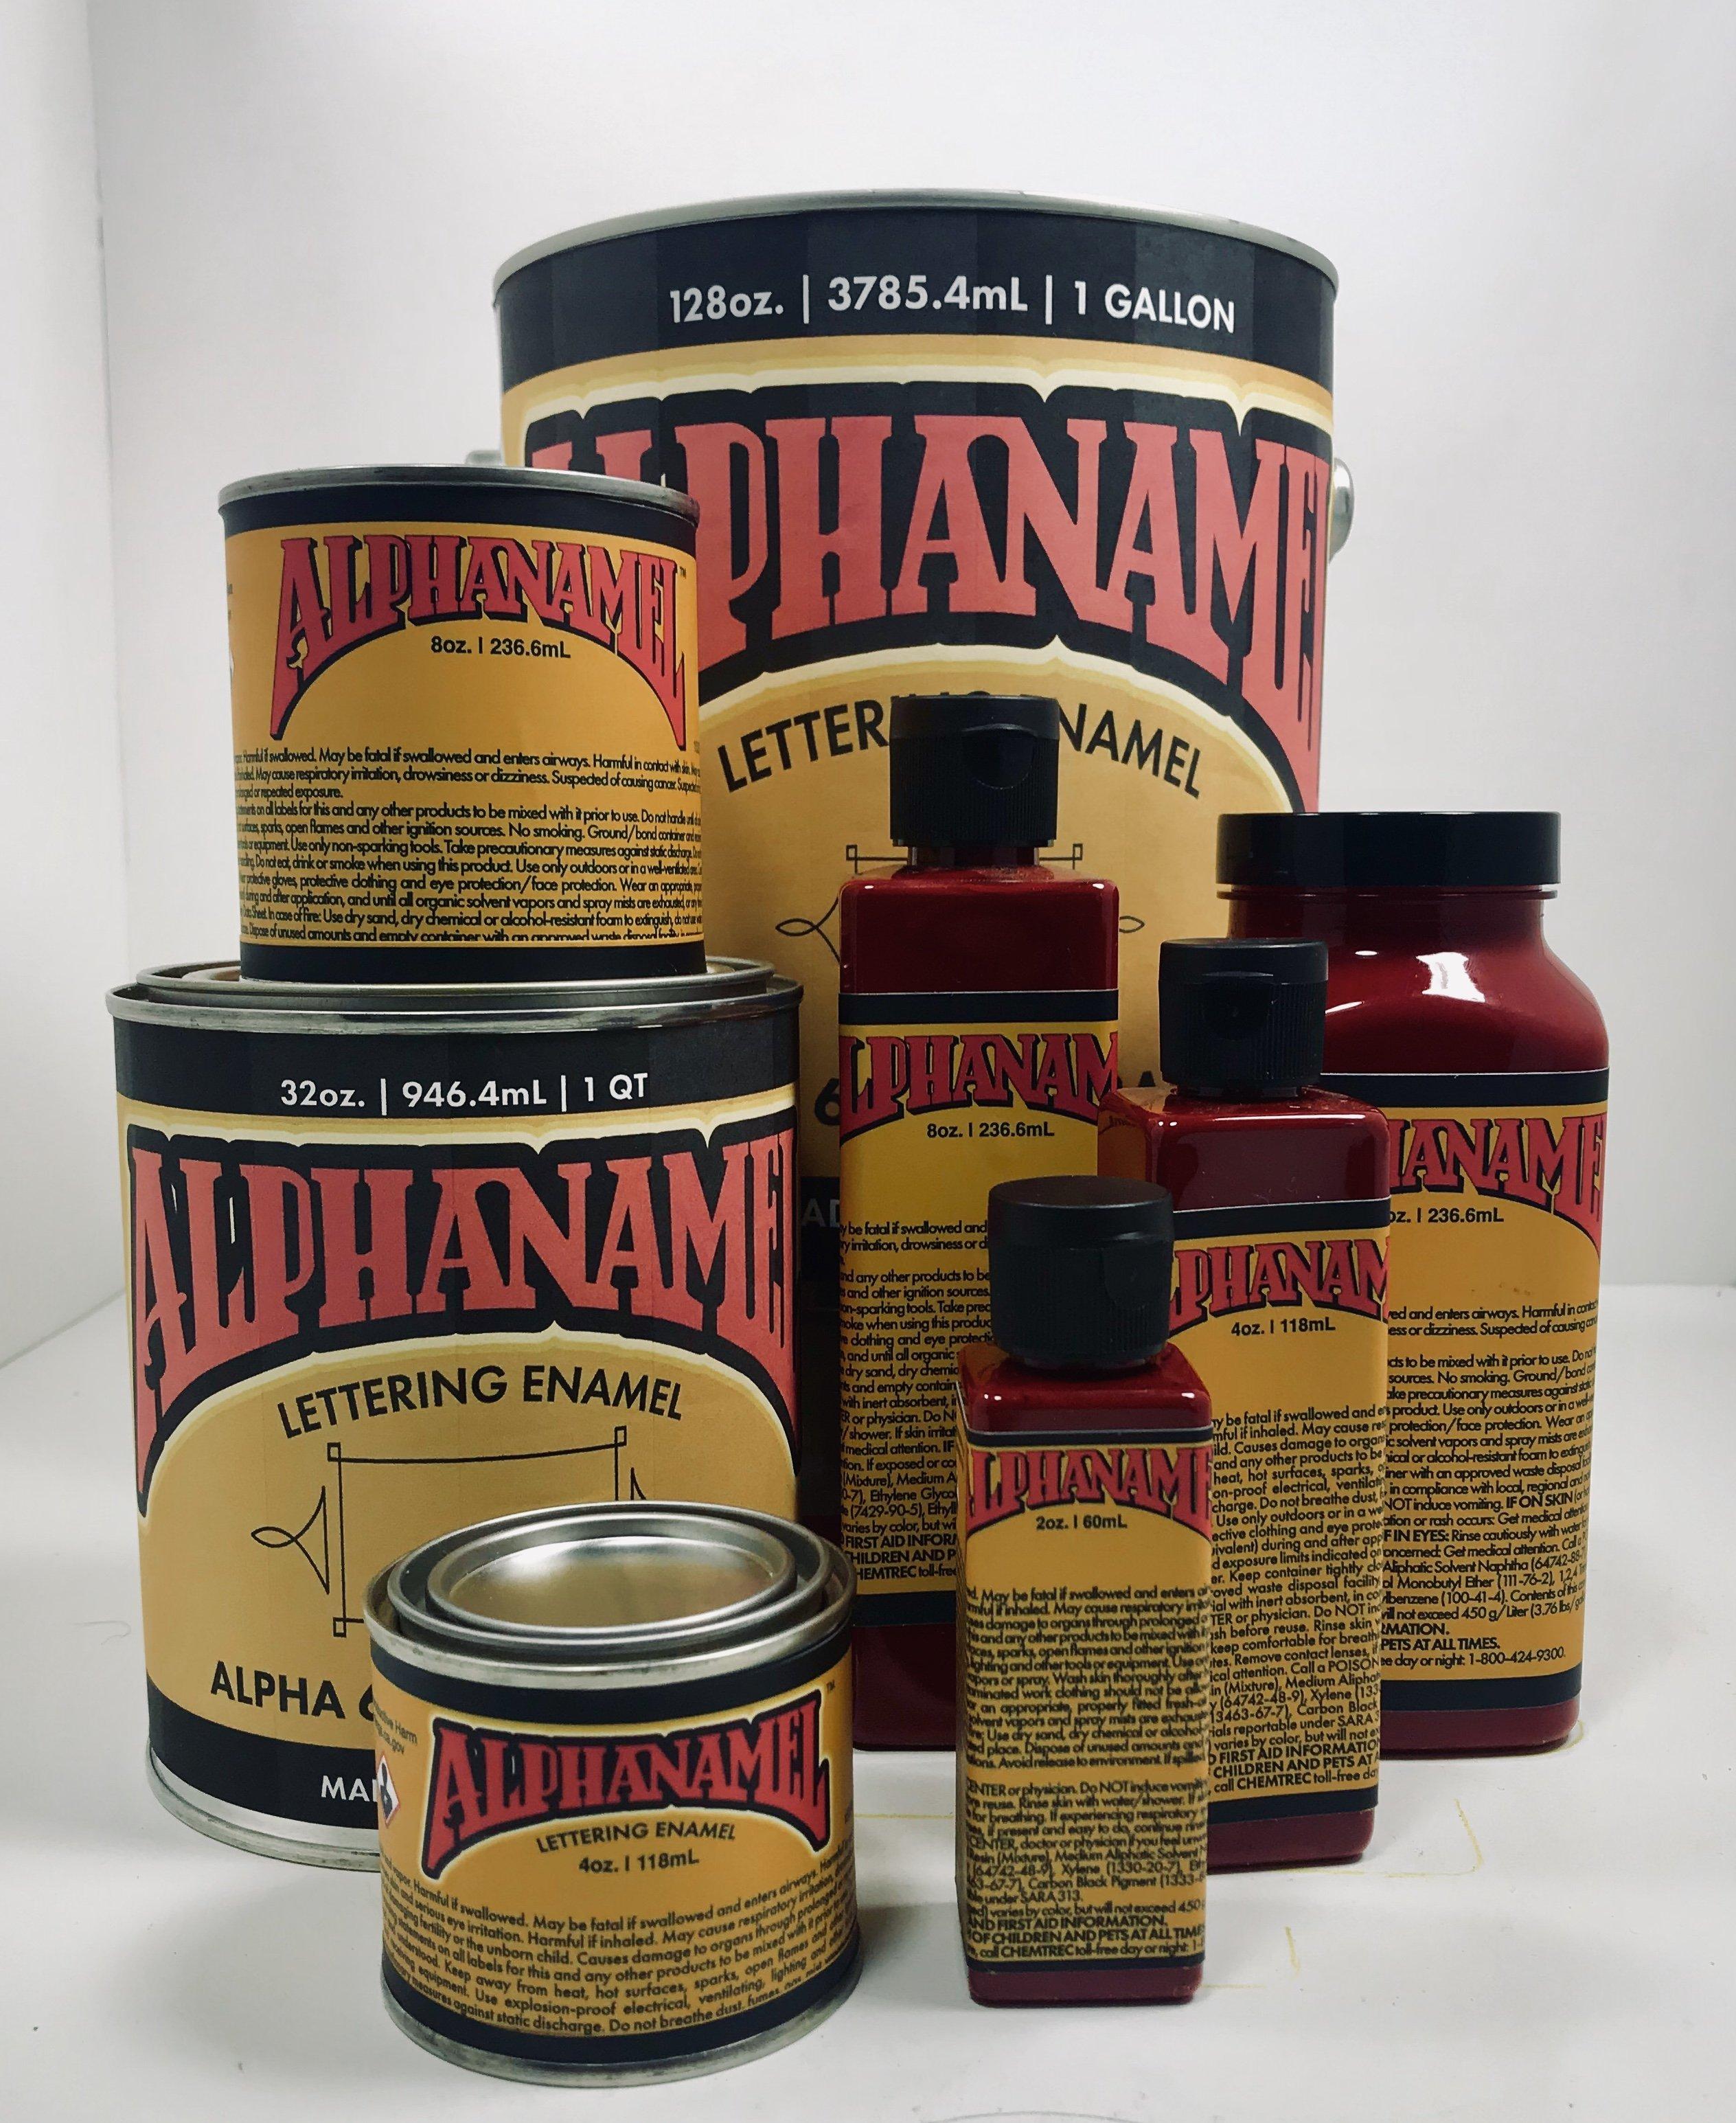 Alphanamel - Dark Red